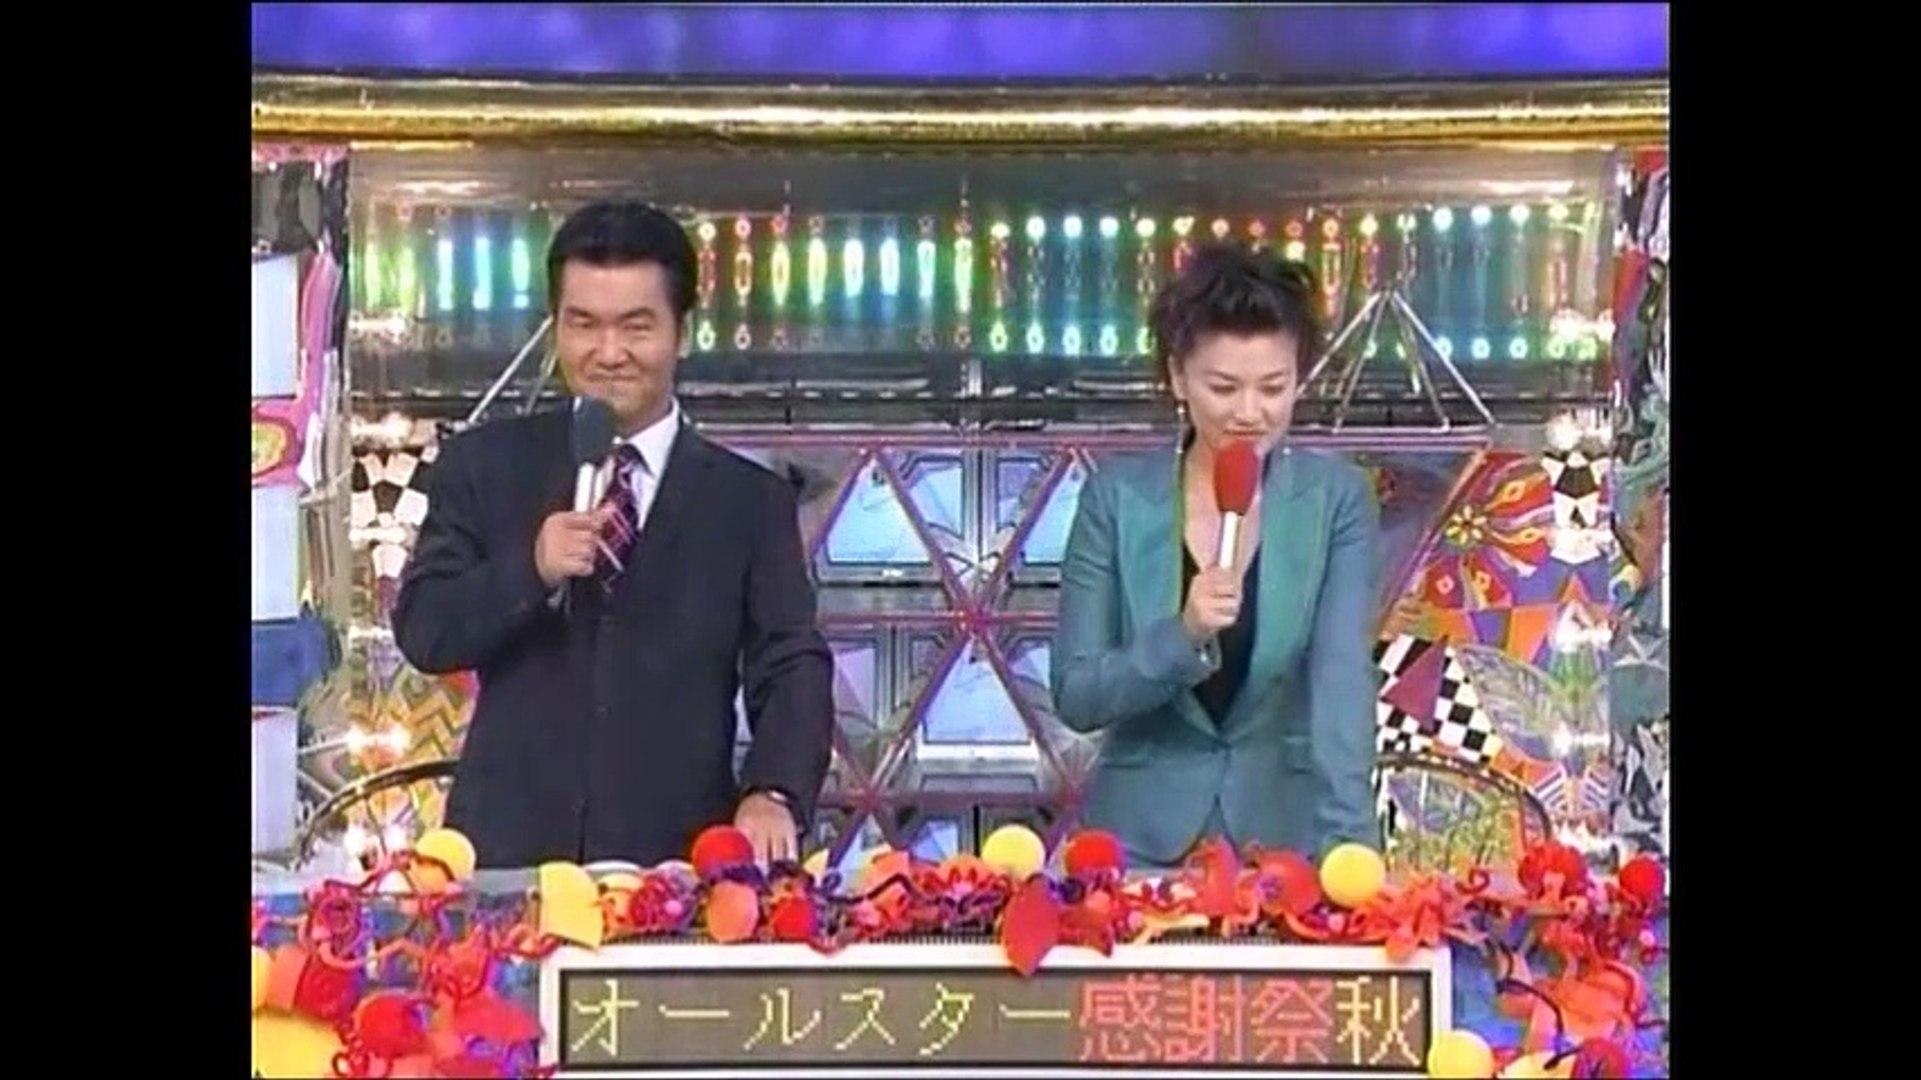 オールスター感謝祭'05秋11-11 - 動画 Dailymotion